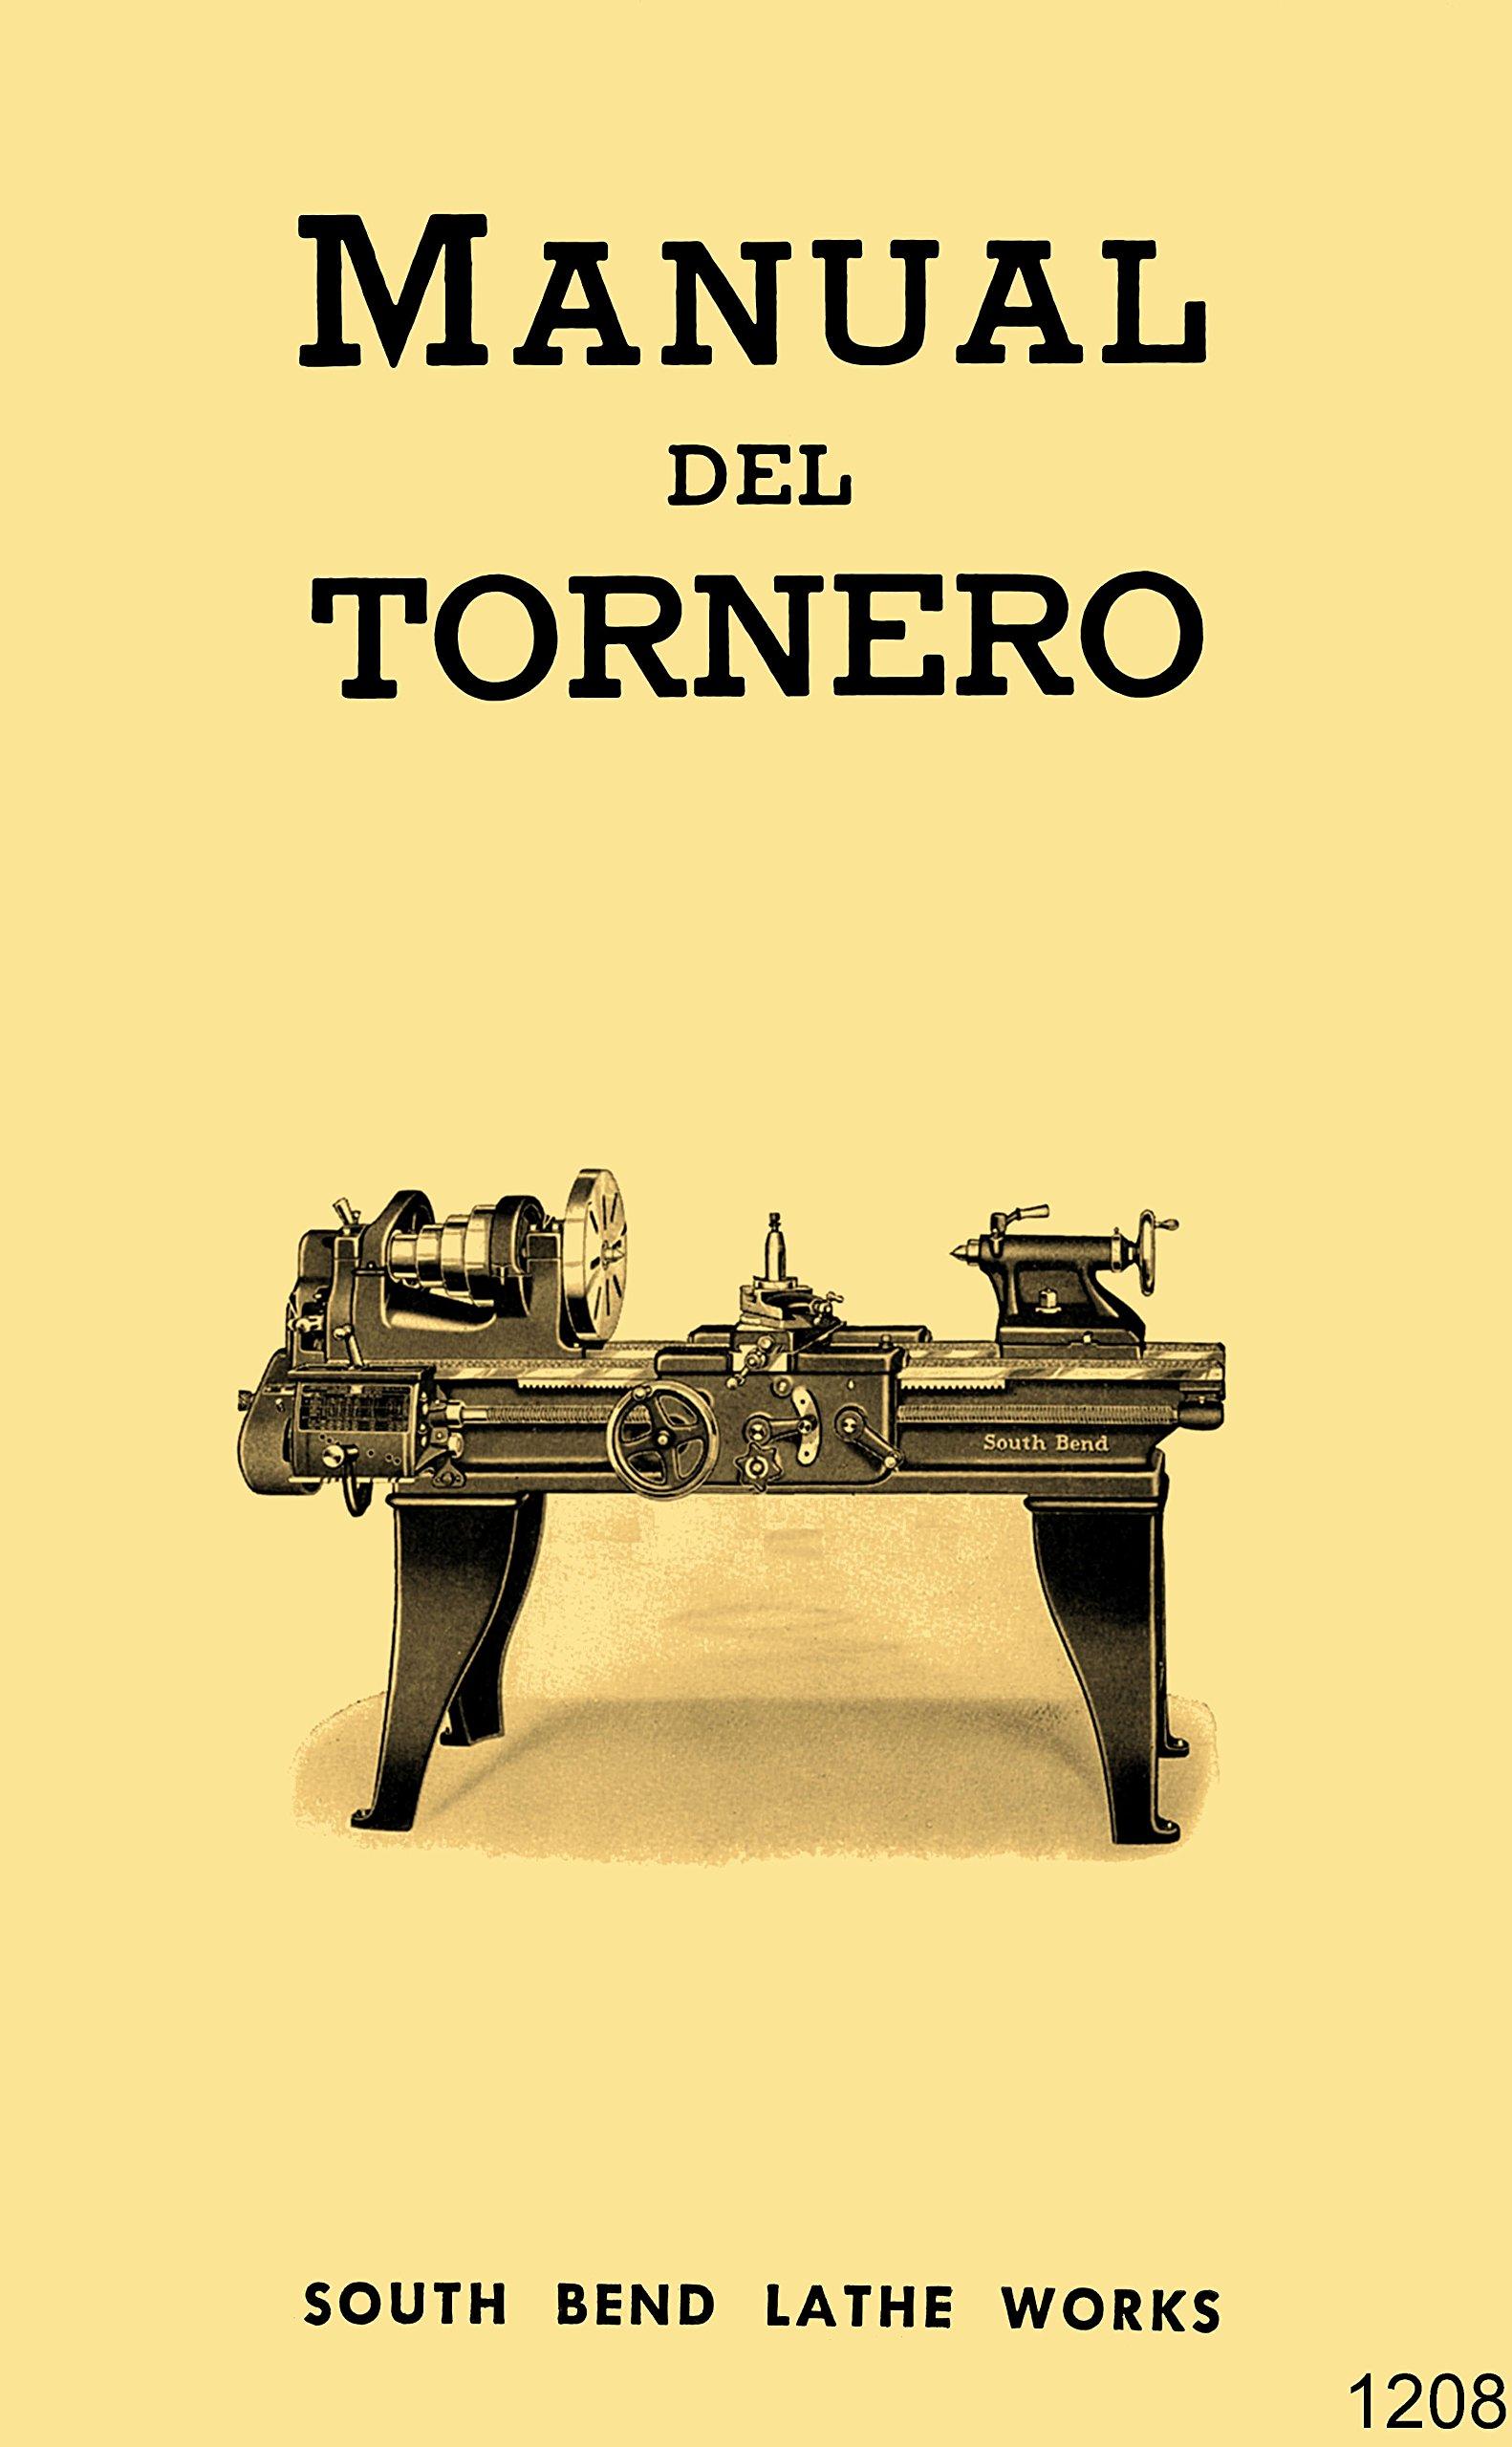 South Bend Torno De Metal Manual Del Tornero En Español 1930s-1950s: Misc.: Amazon.com: Books